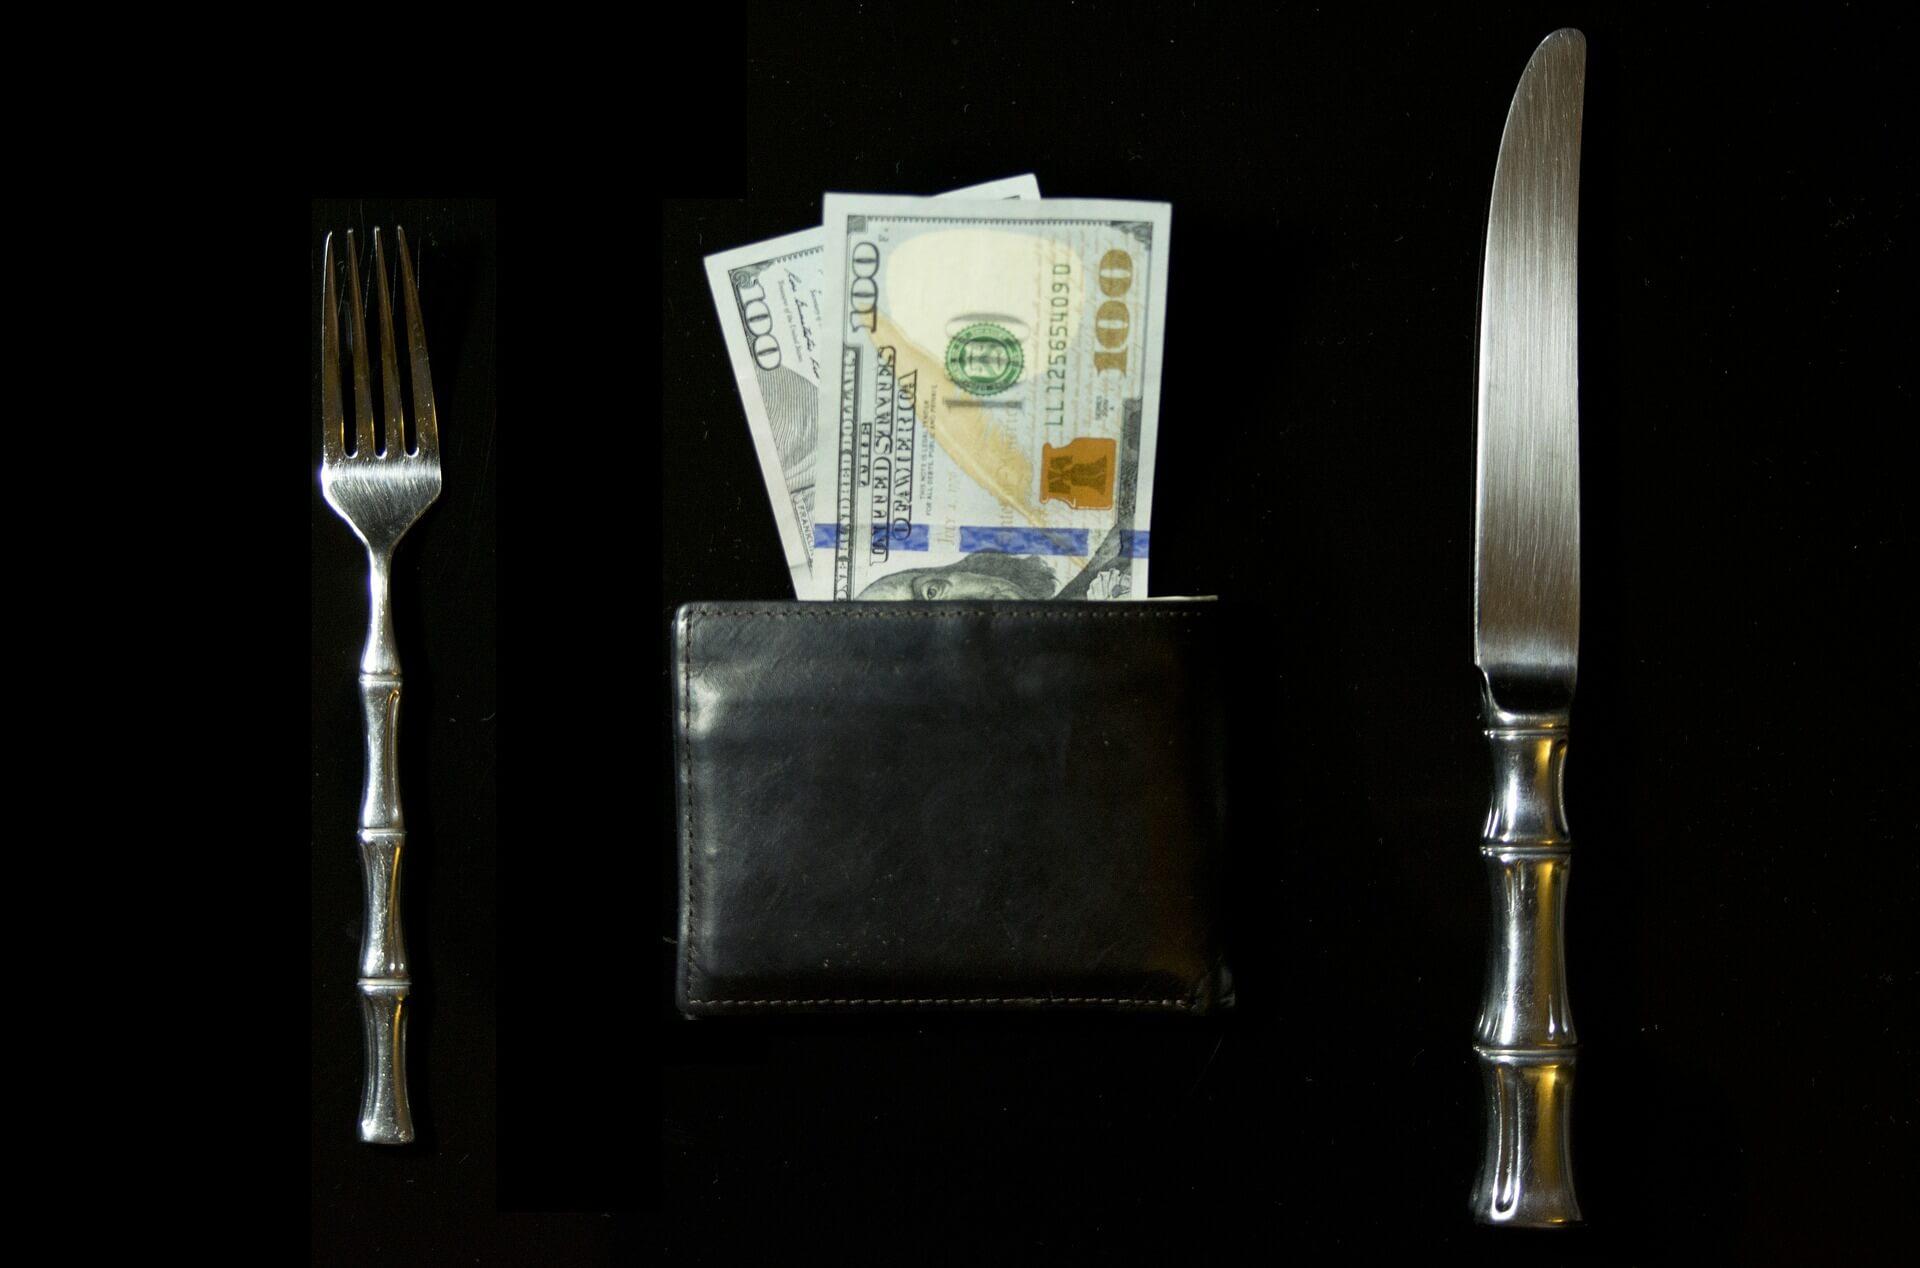 pinigine-islaidos-maistui-islaikymas.jpg